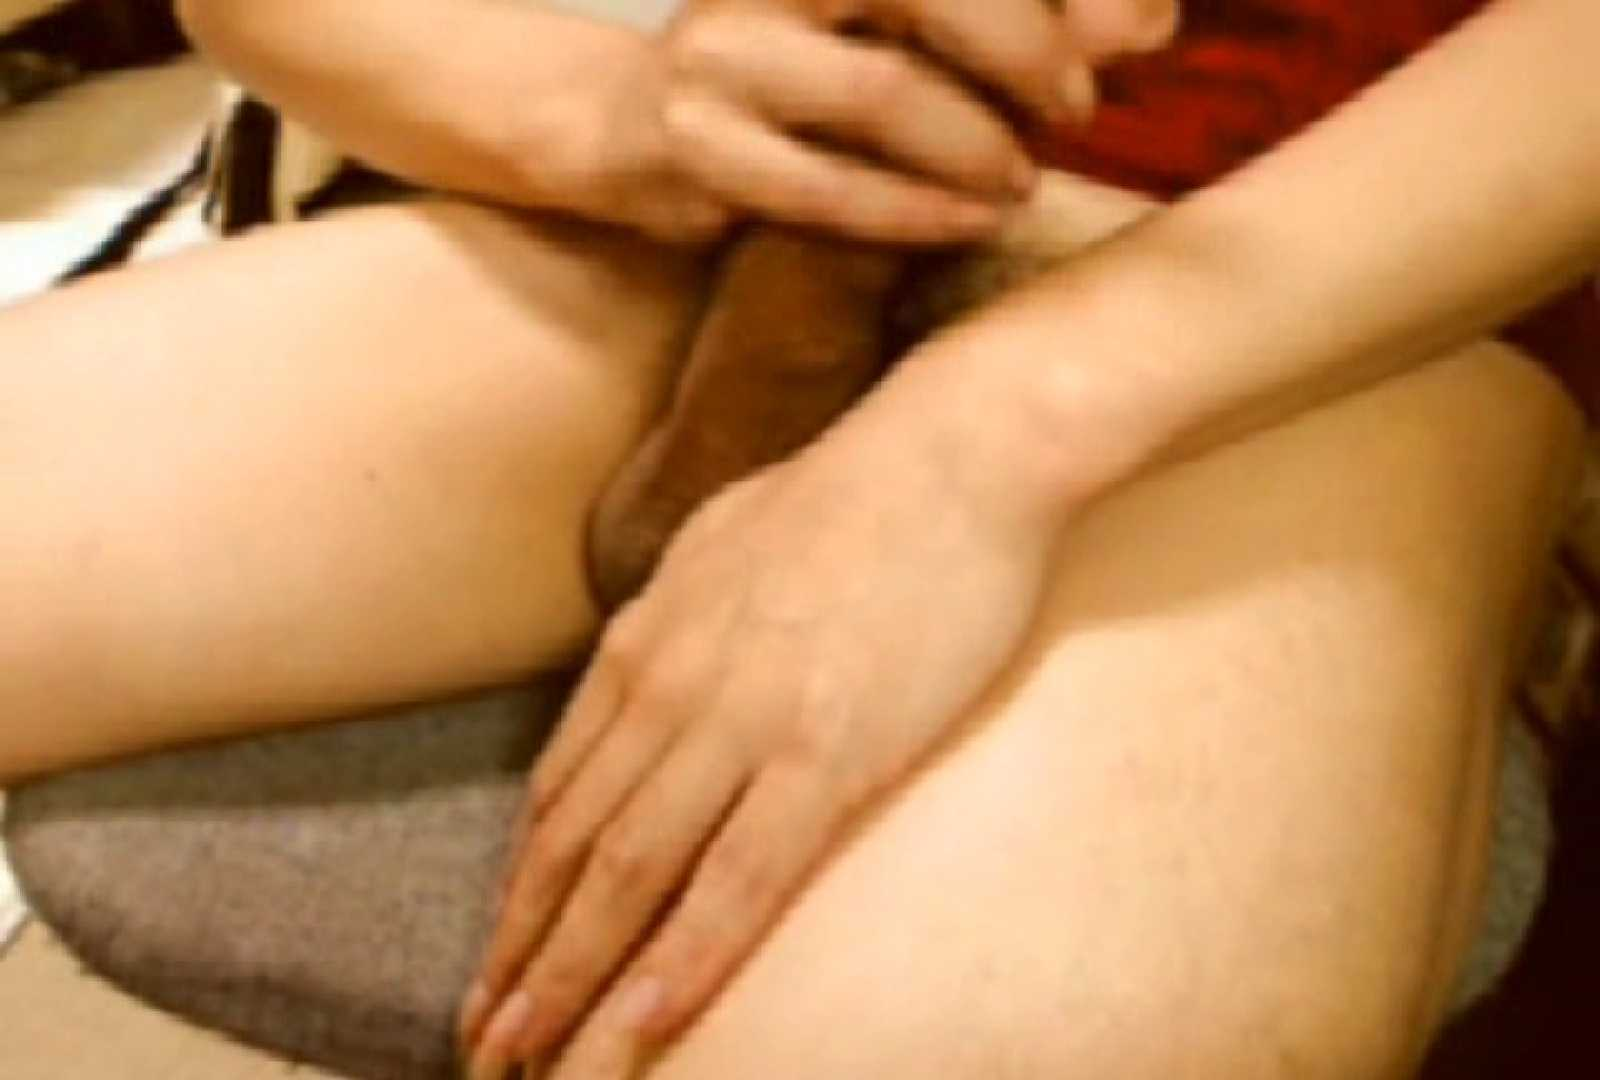 無修正セックス盗撮:ヴィジュアル系超イケメンもっこりビッグダディ!!vol.1:イケメン